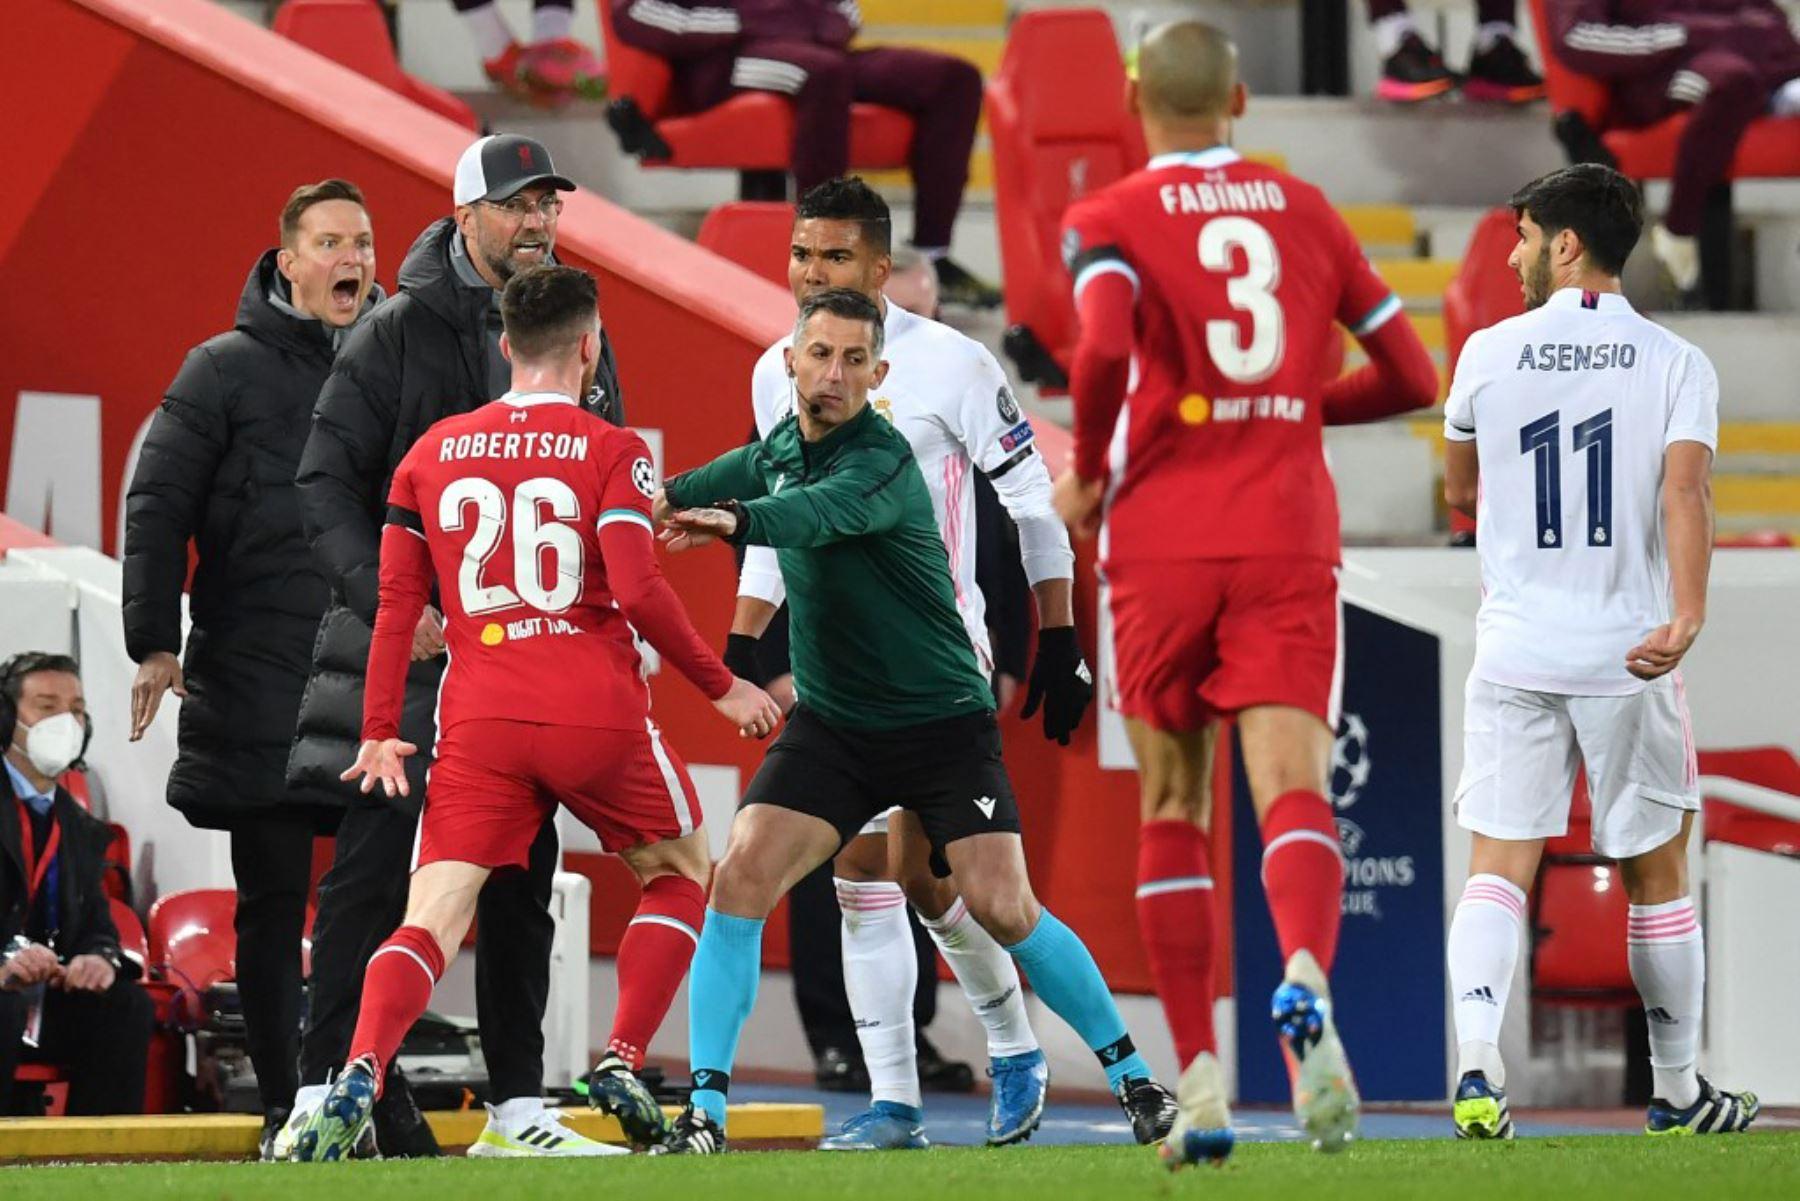 El árbitro Bjorn Kuipers (C) mantiene a raya al defensor escocés del Liverpool Andrew Robertson (L) durante un altercado durante los cuartos de final de la Liga de Campeones de la UEFA del segundo partido de fútbol entre el Liverpool y el Real Madrid en Anfield en Liverpool. Foto: AFP